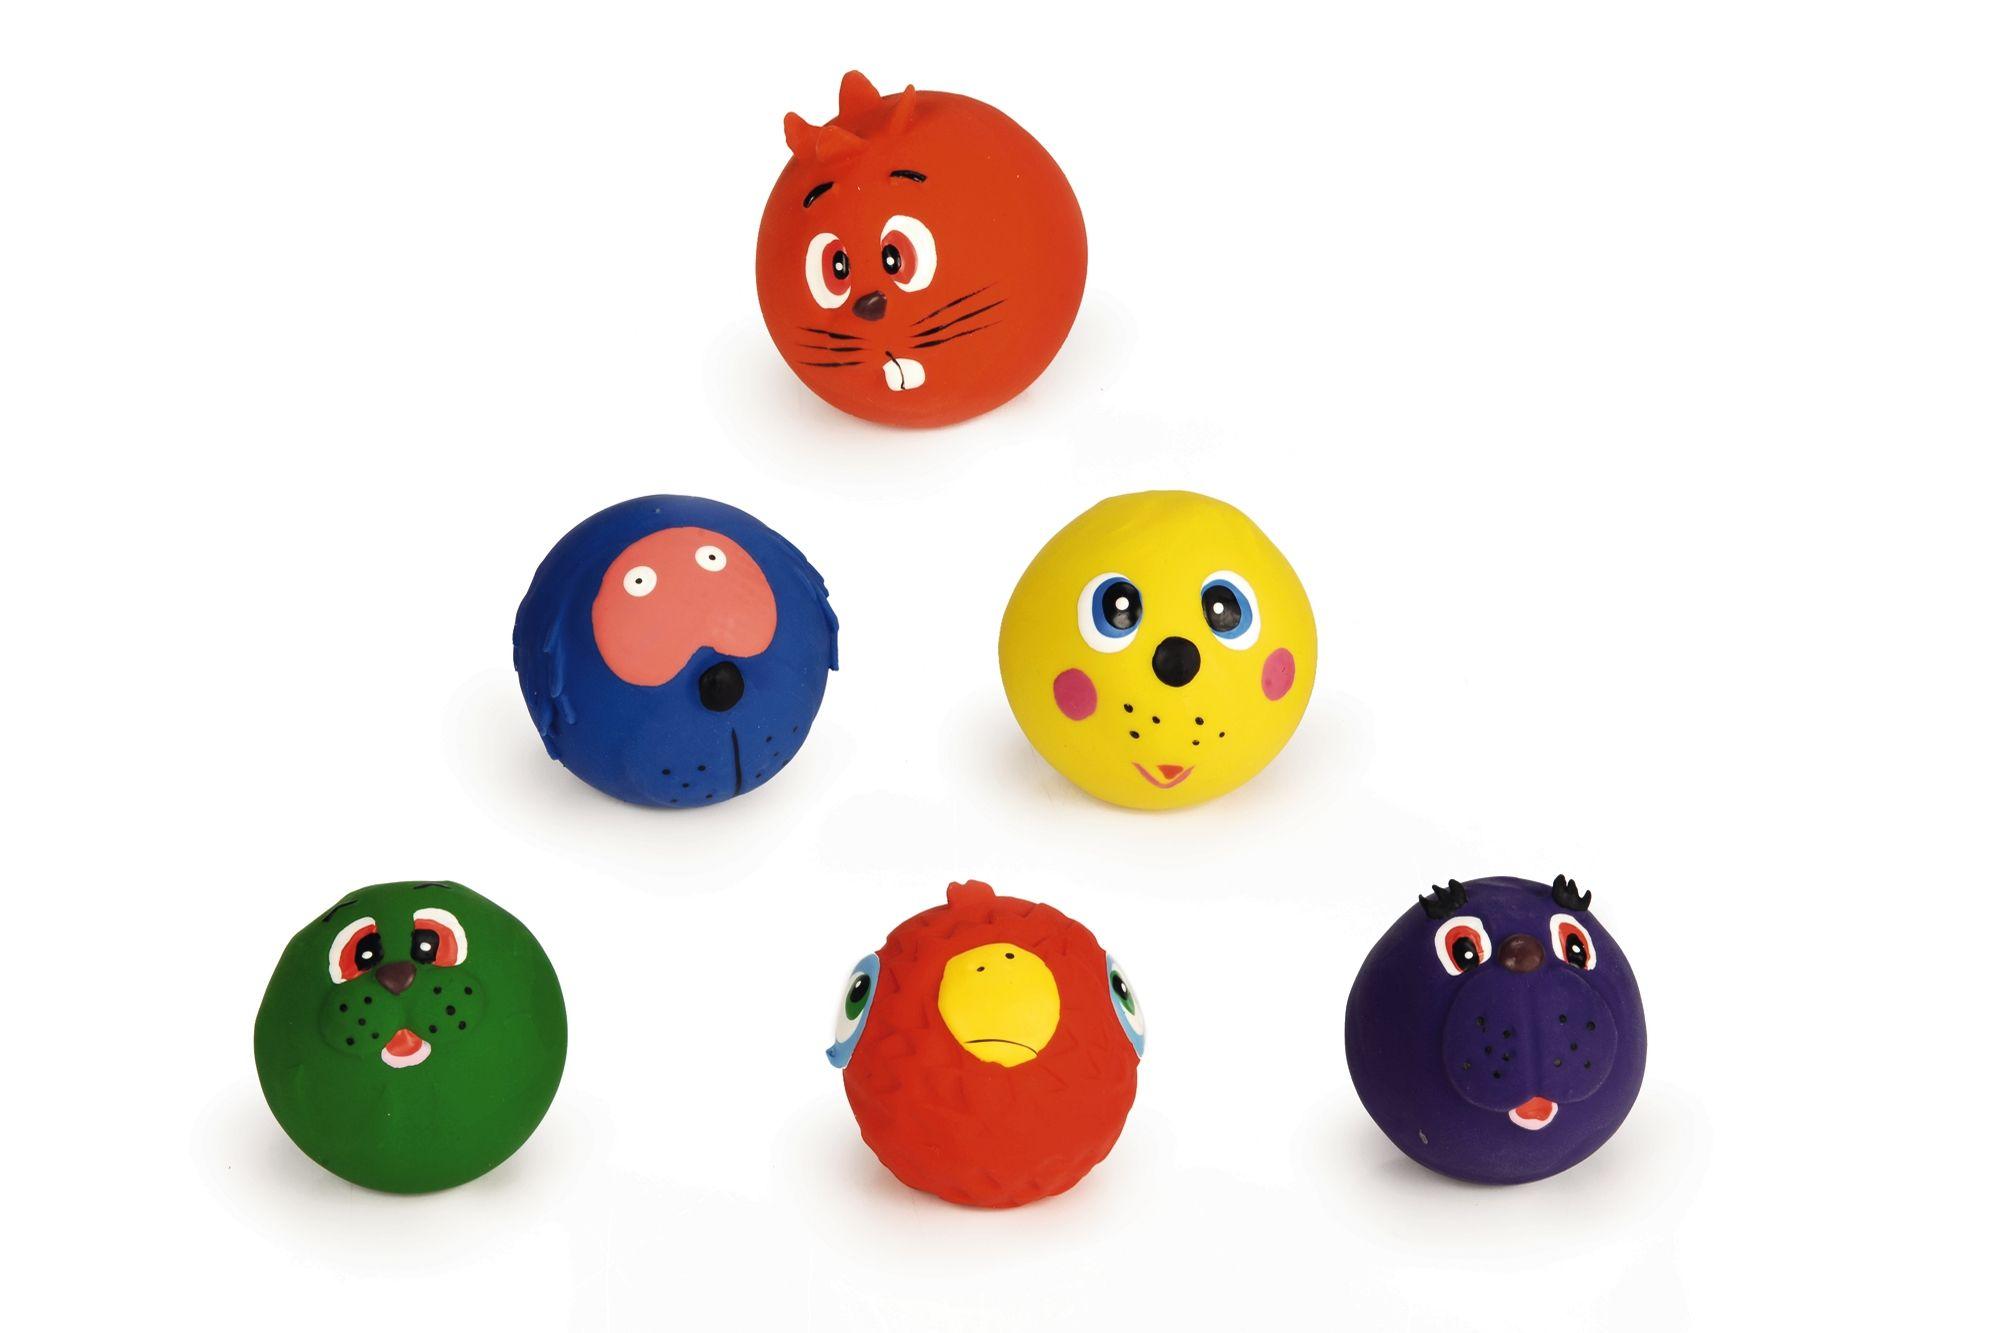 Игрушка I.P.T.S. Beeztees Мяч с мордочками животных для собак 7 см